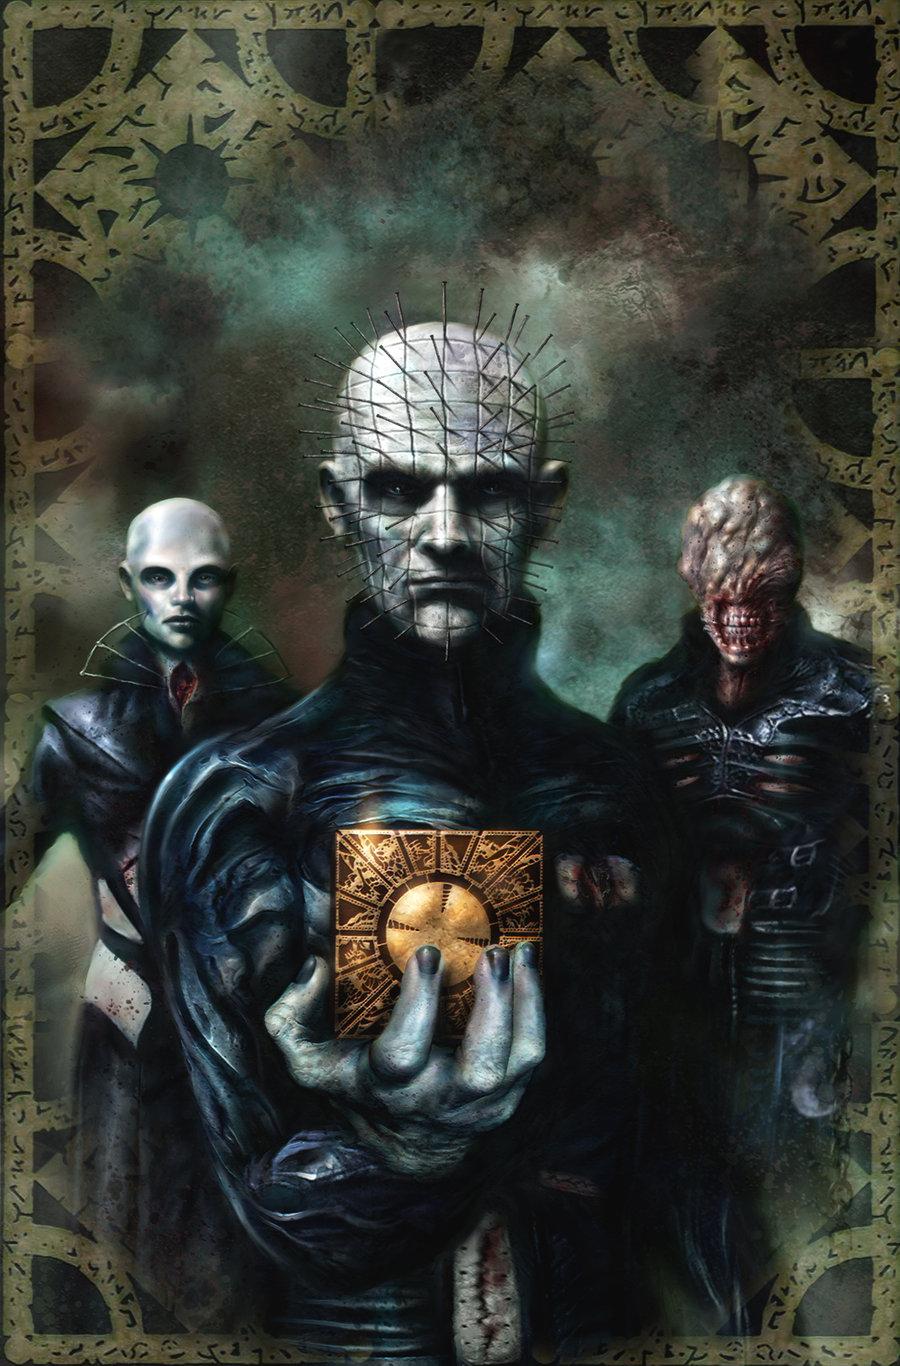 Hellraiser cover artwork